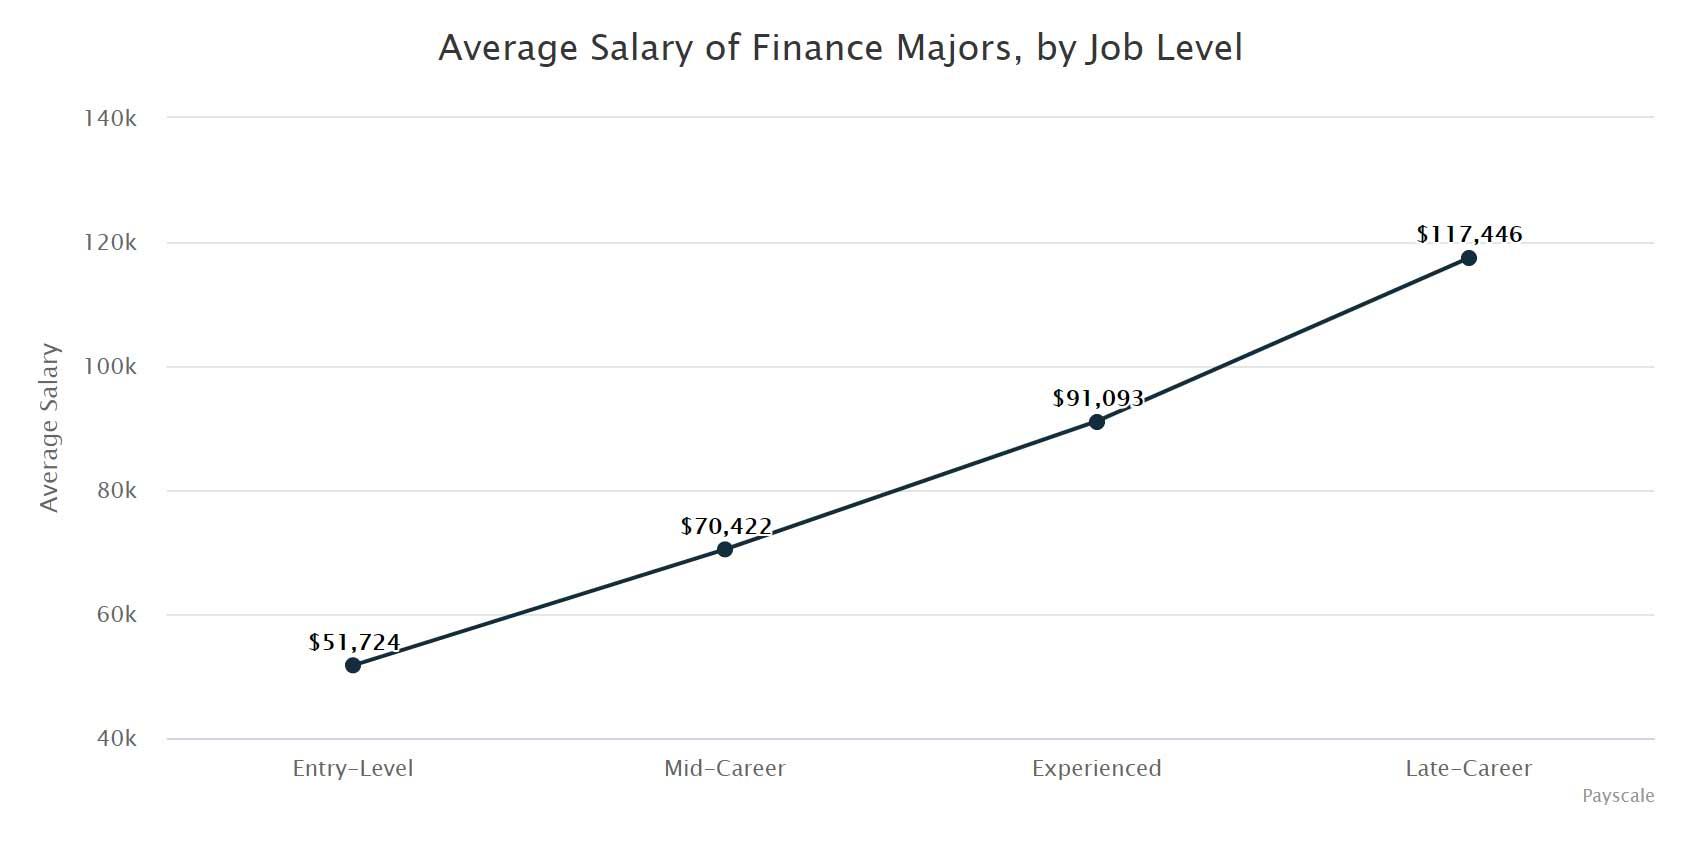 Average Salary of Finance Majors, by Job Level.